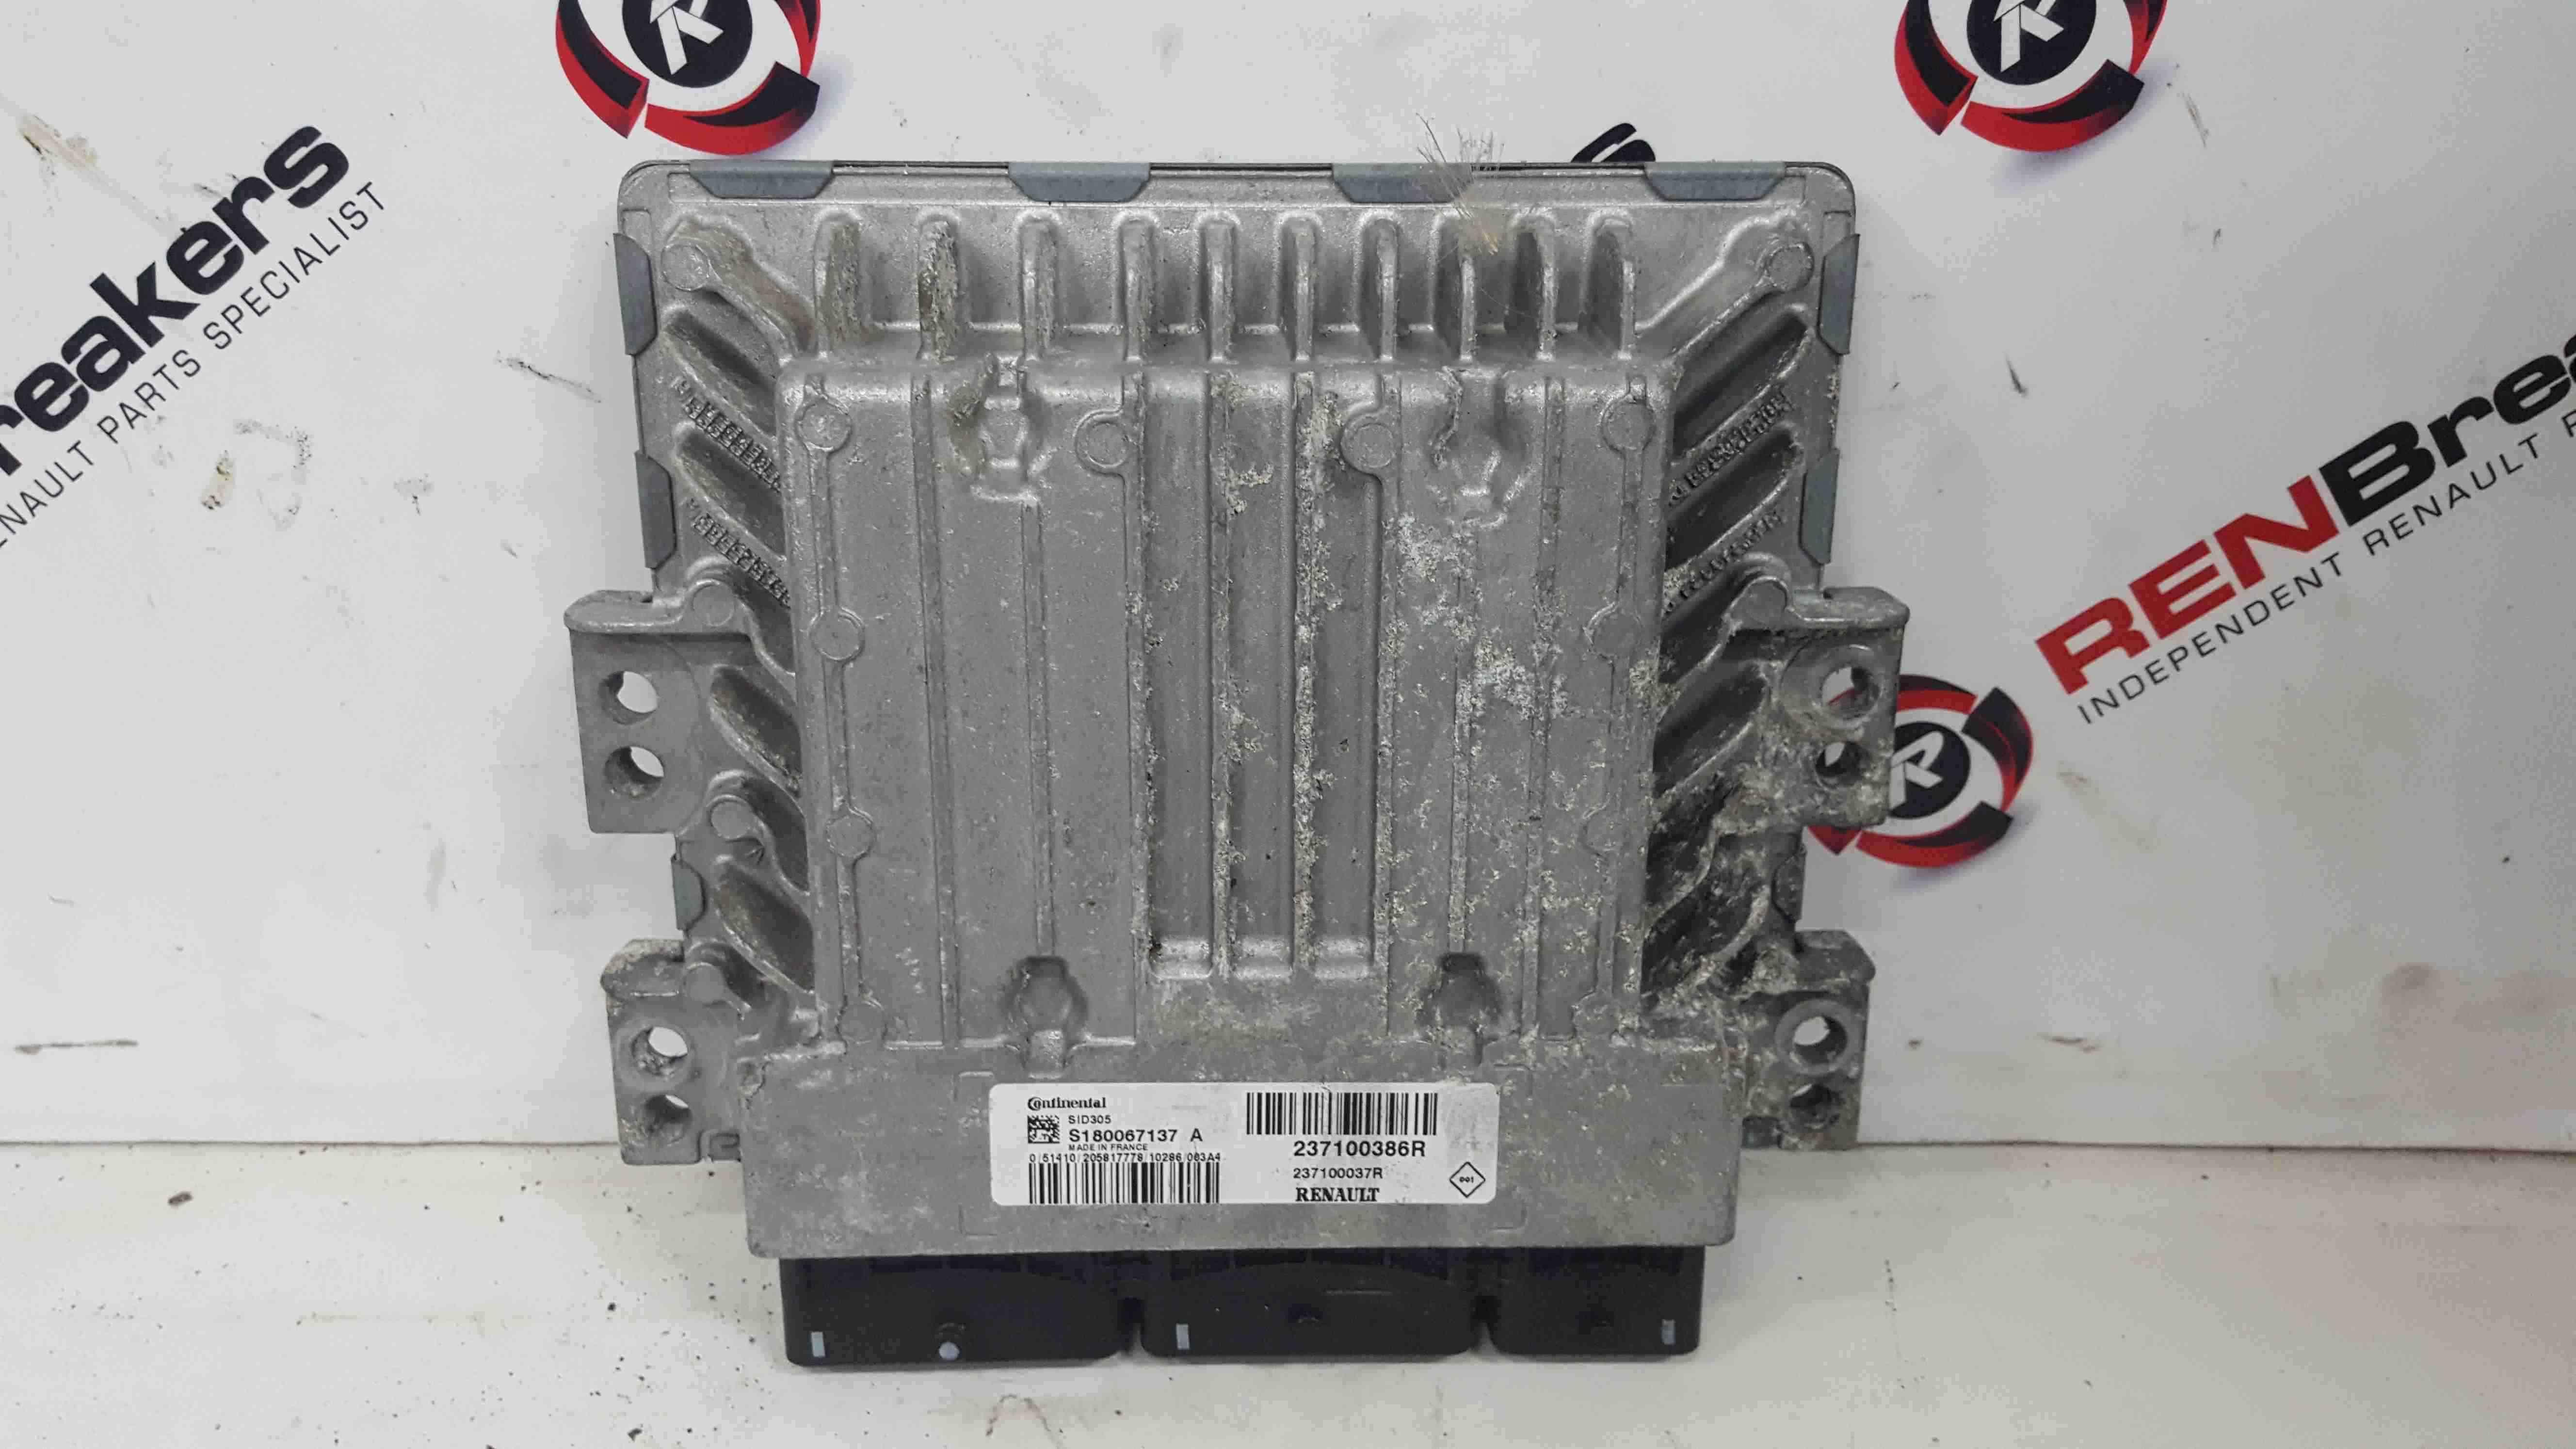 Renault Scenic MK3 2009-2013 1.5 DCi Engine Control Unit ECU 237100386R